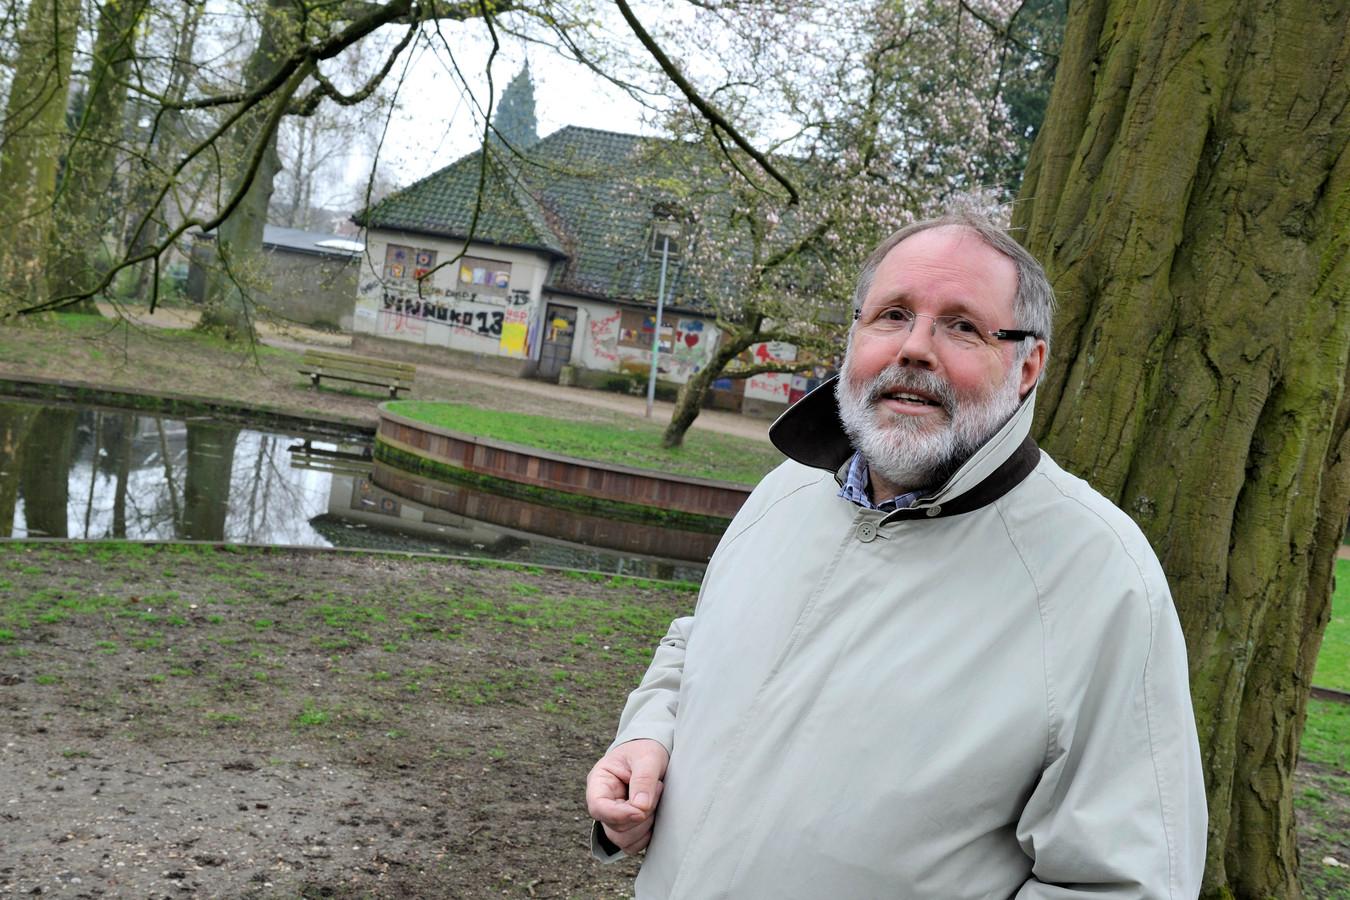 Ap Lammers van Stichting Oranjerie Dieren in 2010 met achter zich de Oranjerie in niet opgeknapte staat.